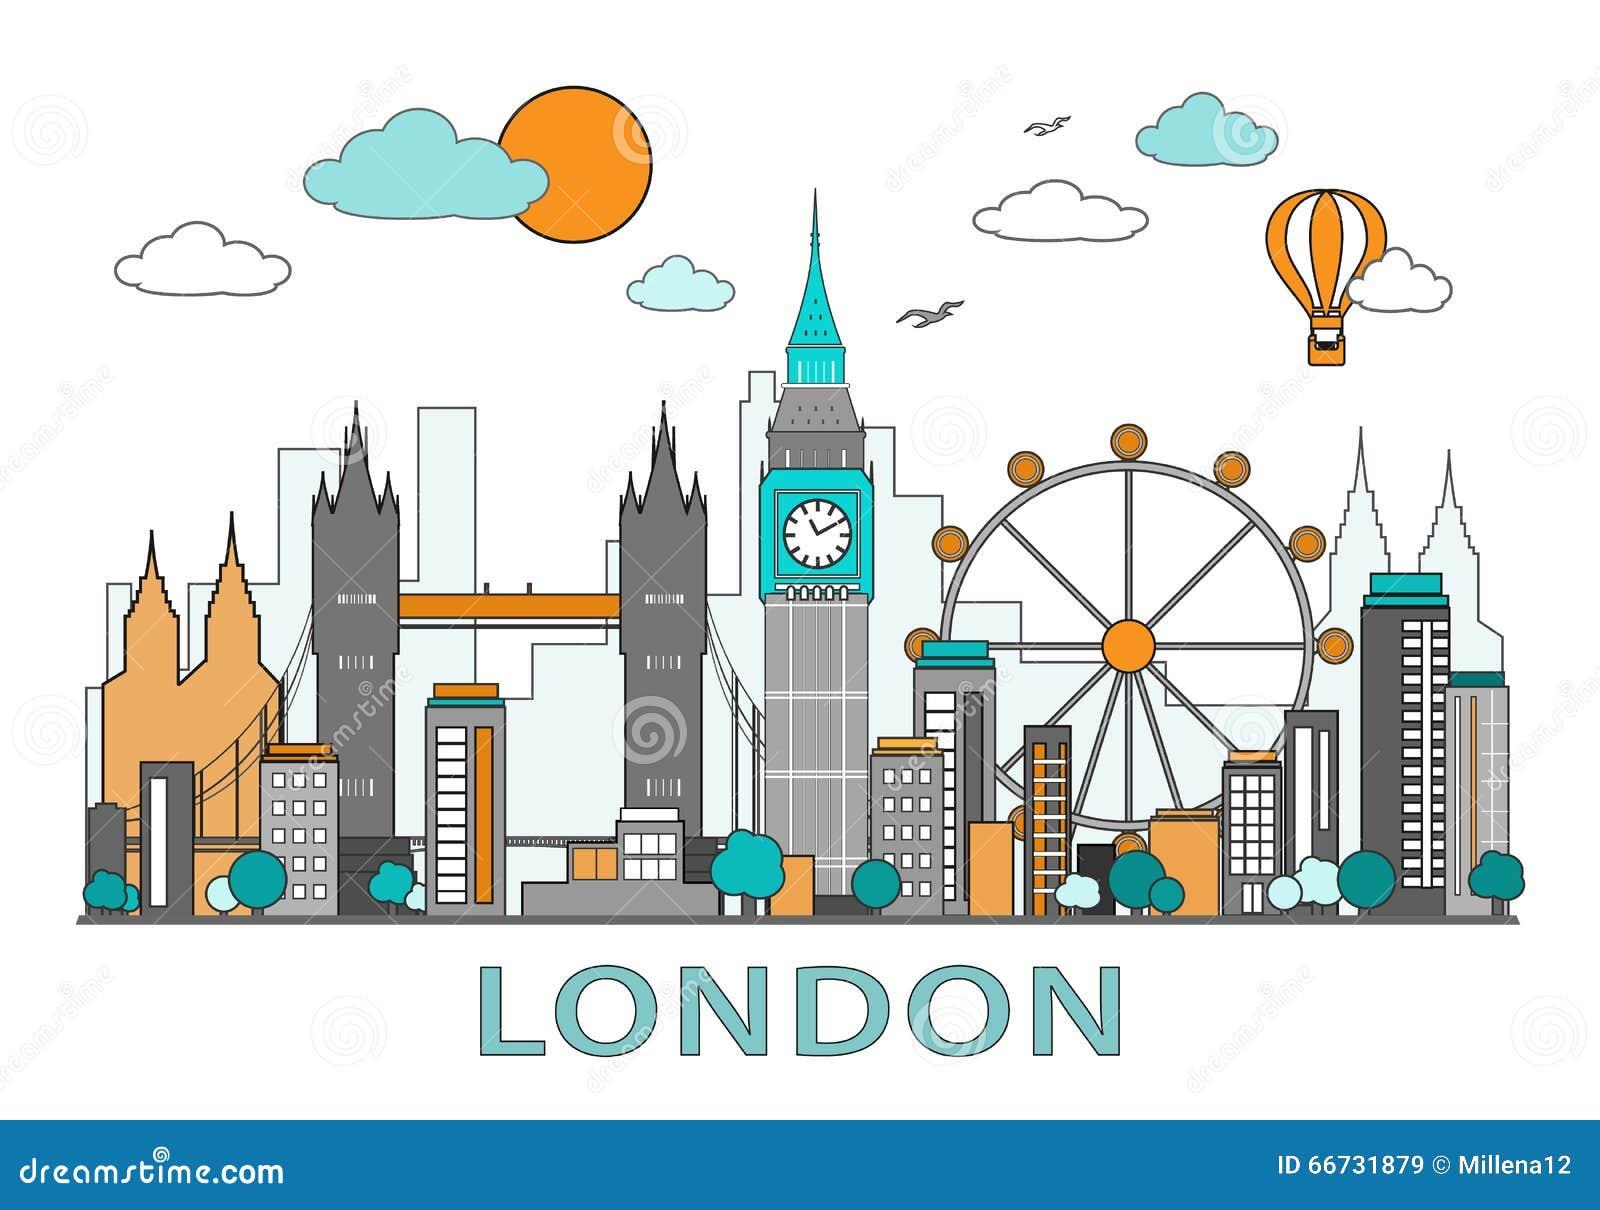 Λεπτό επίπεδο σχέδιο γραμμών της πόλης του Λονδίνου Σύγχρονη διανυσματική απεικόνιση οριζόντων του Λονδίνου, που απομονώνεται